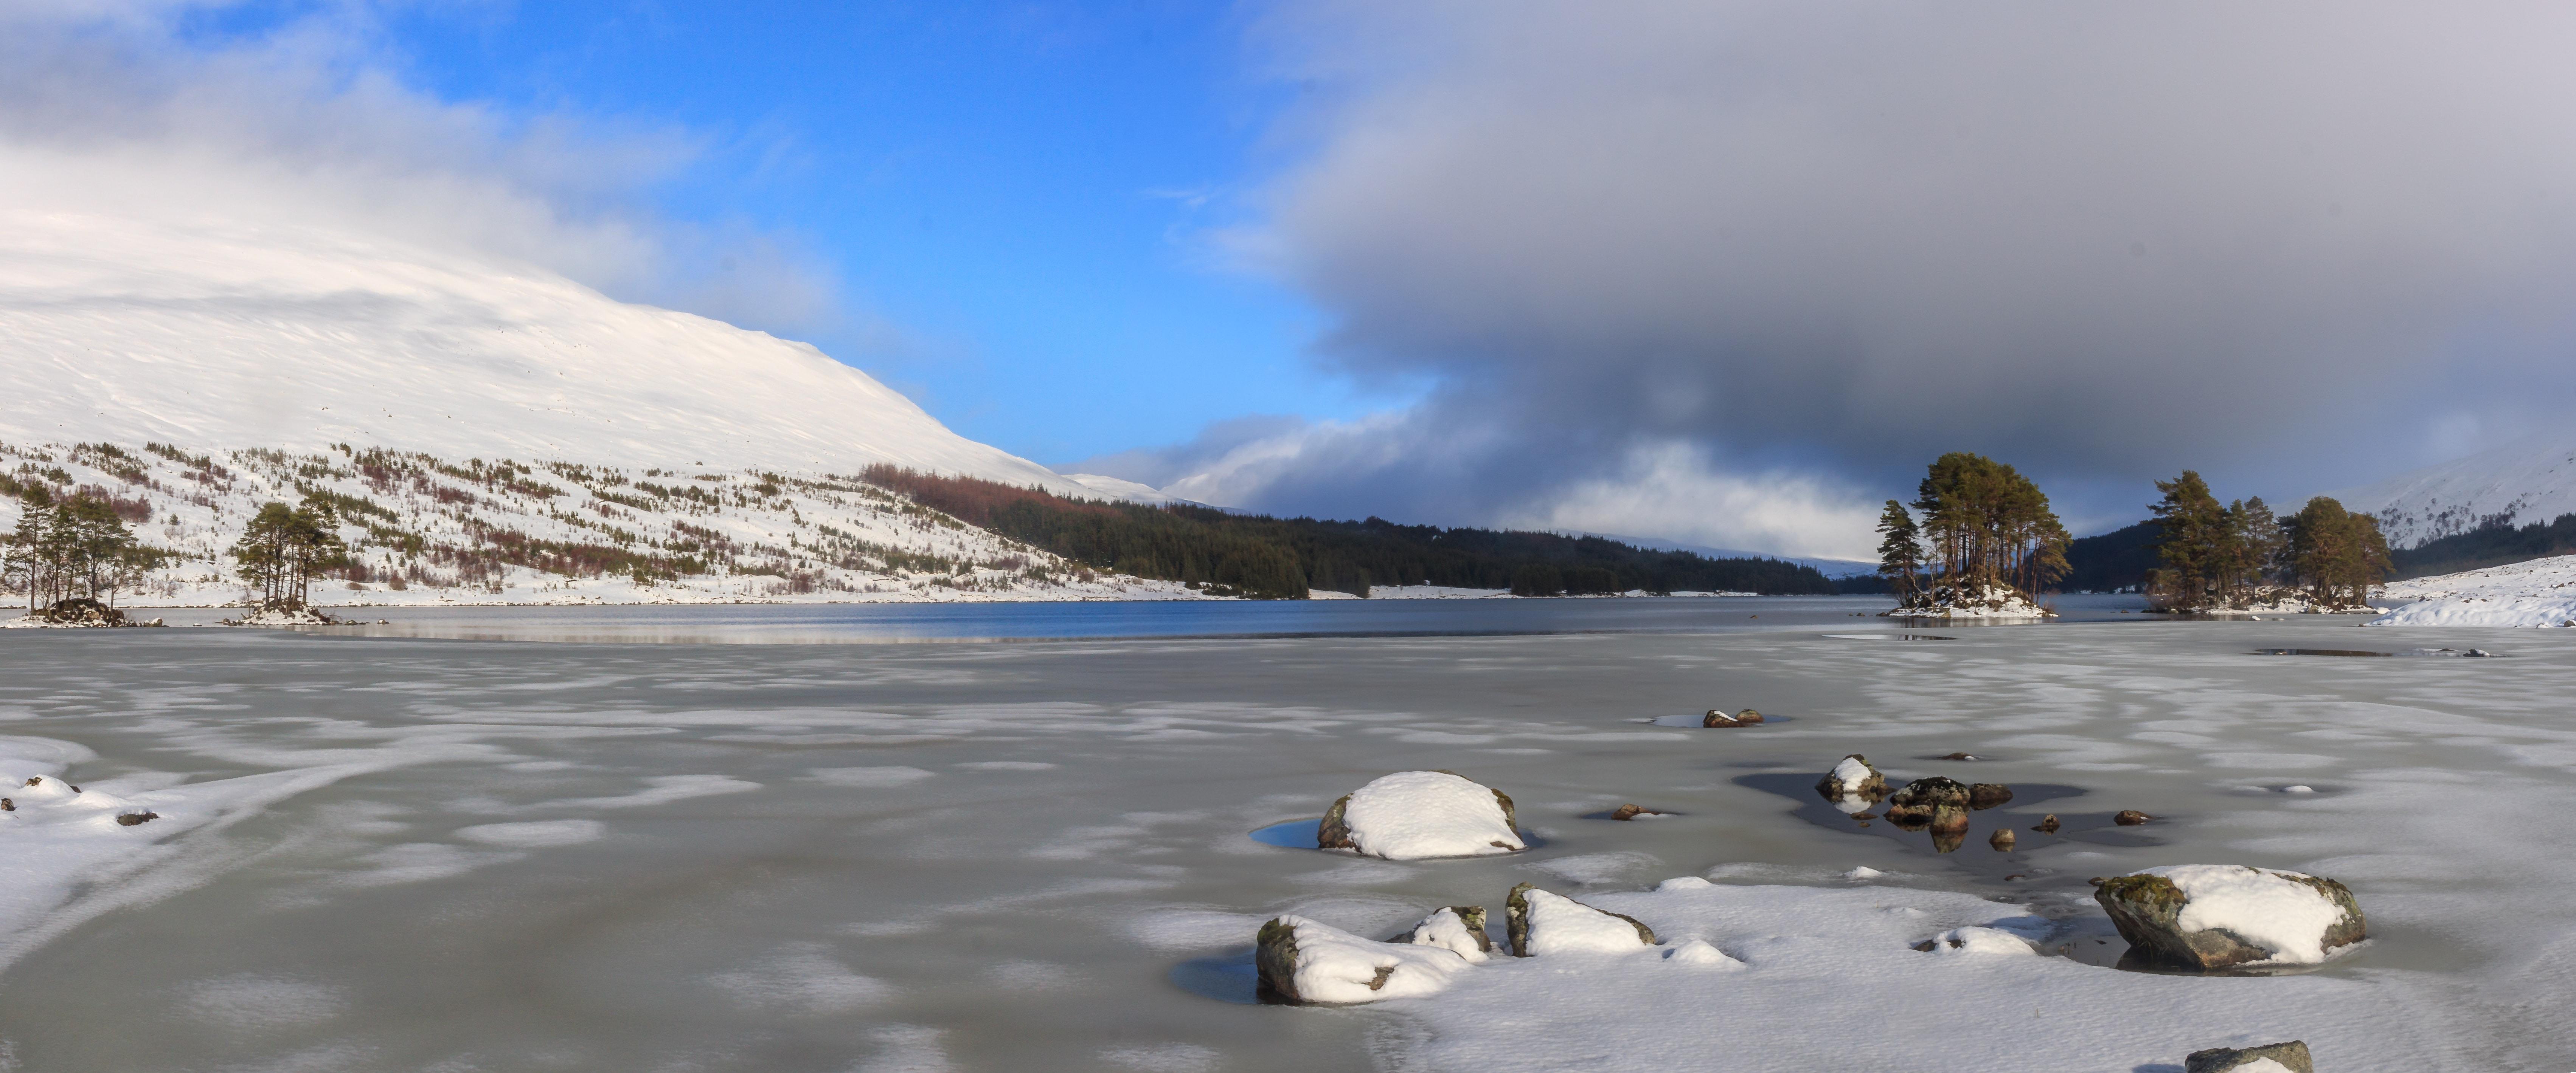 Loch Ossian